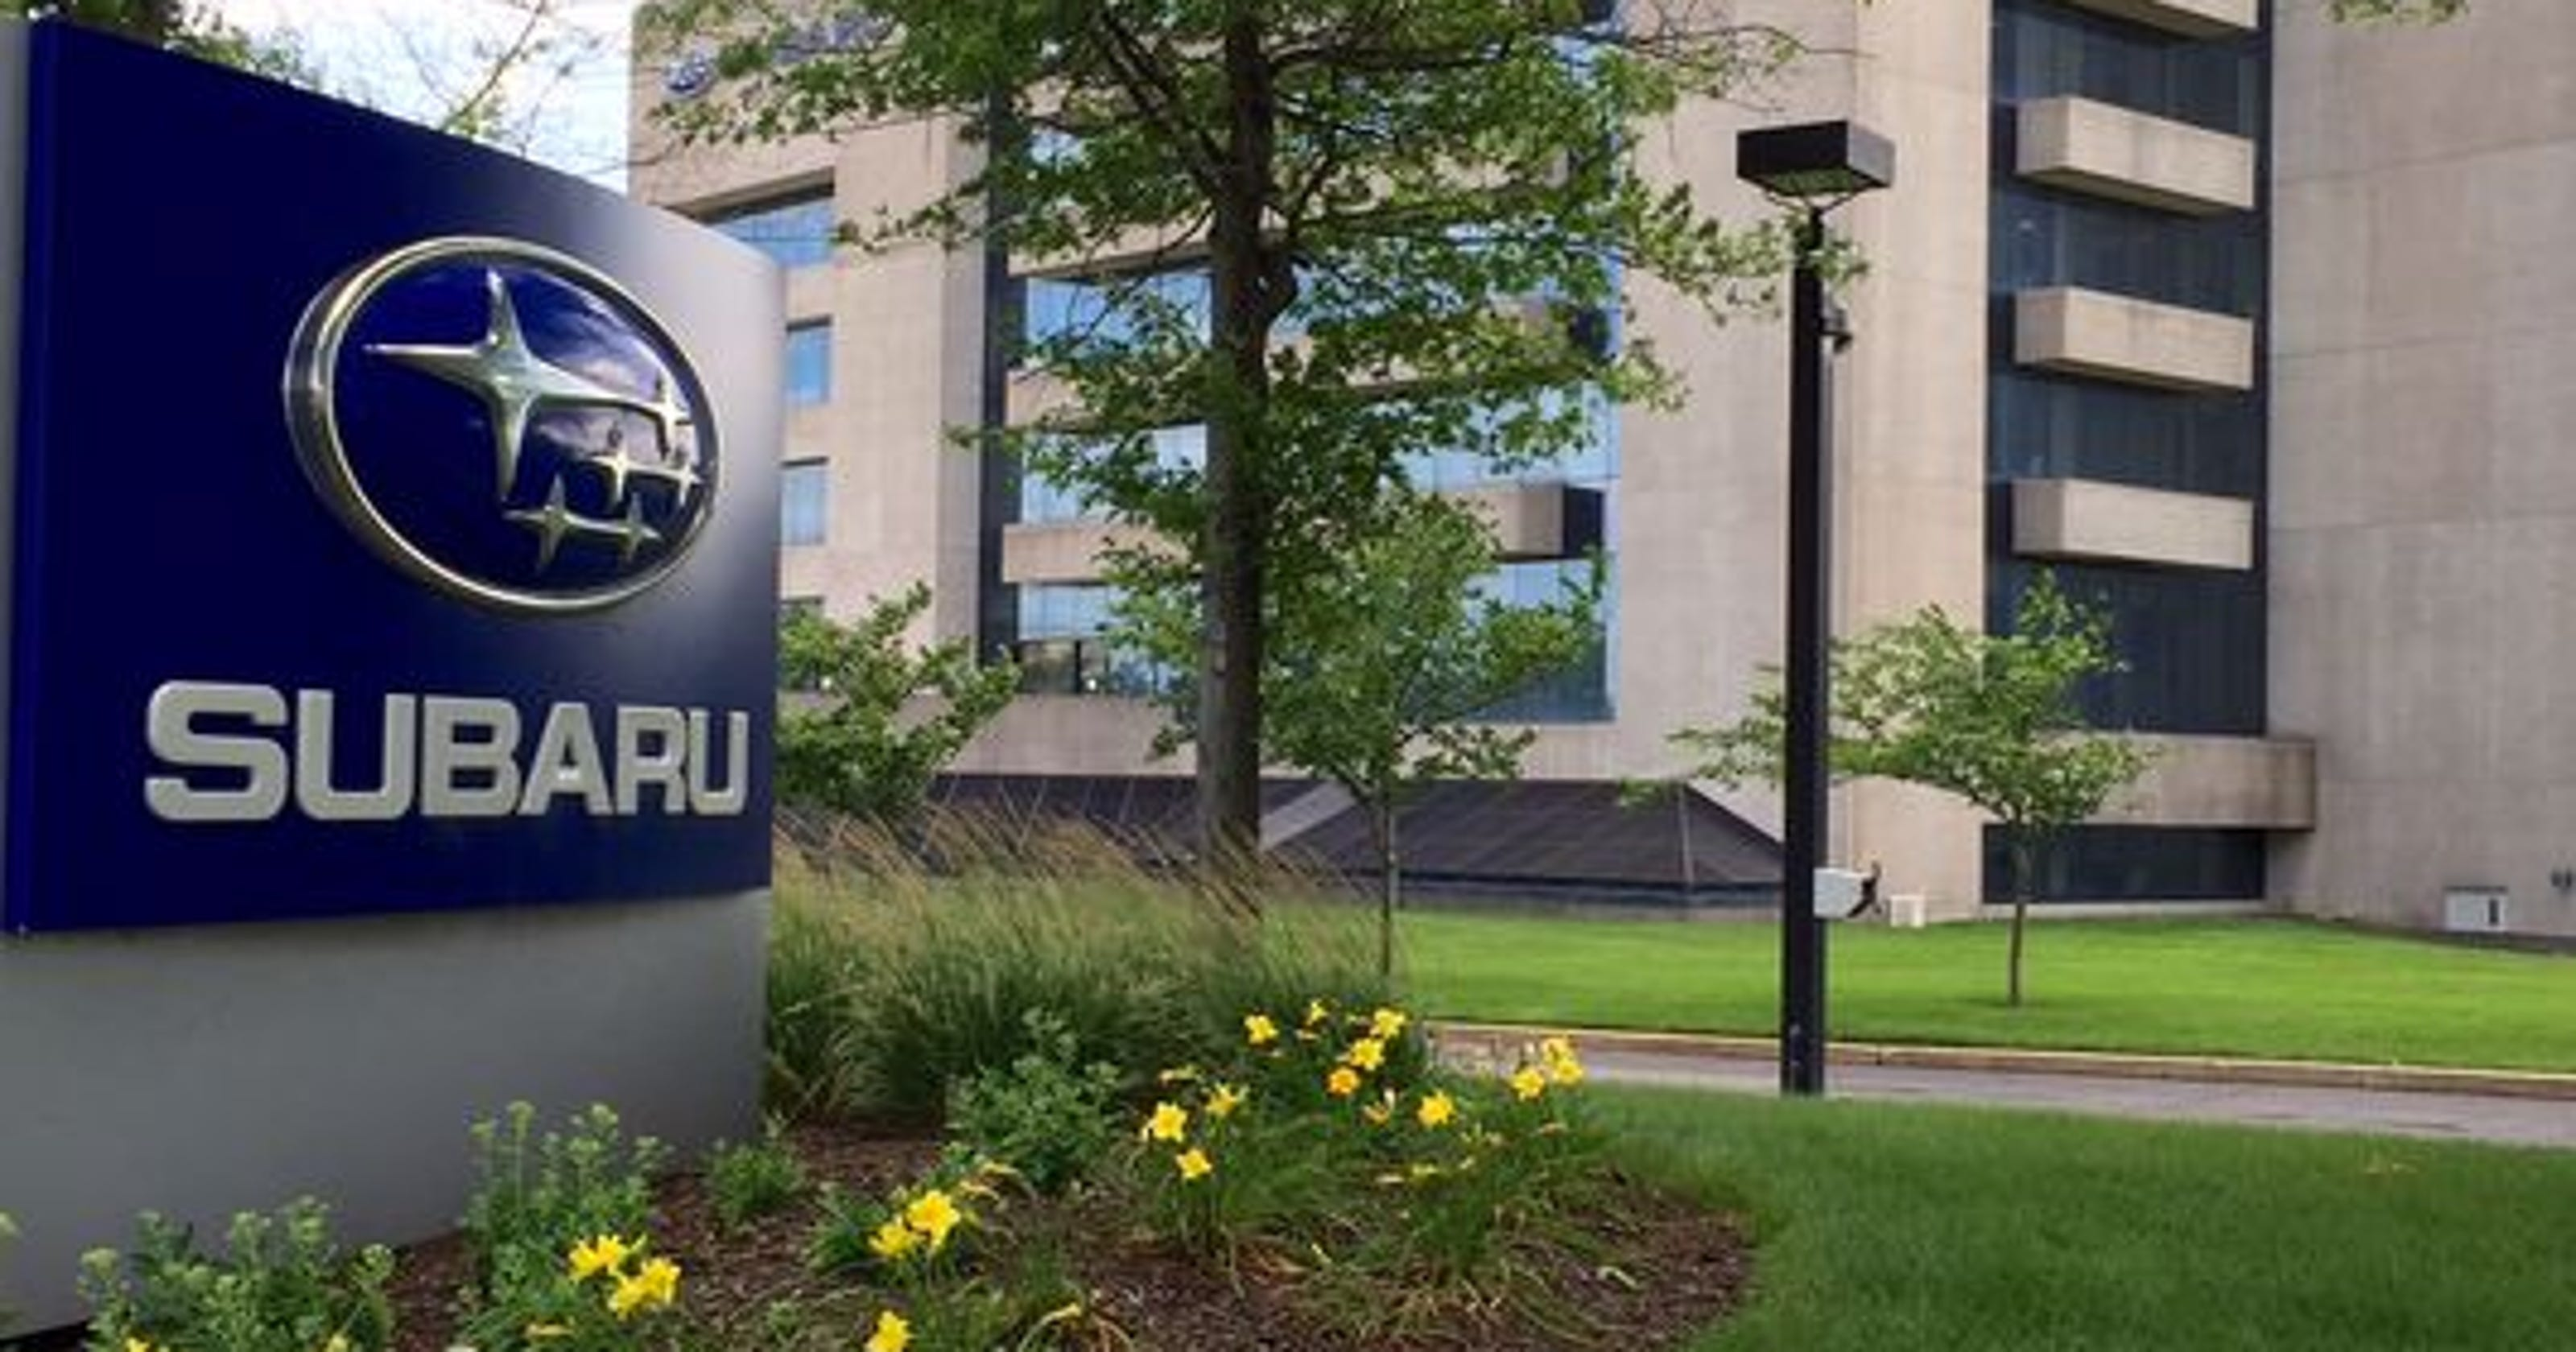 Second class action lawsuit targets Subaru WRX models